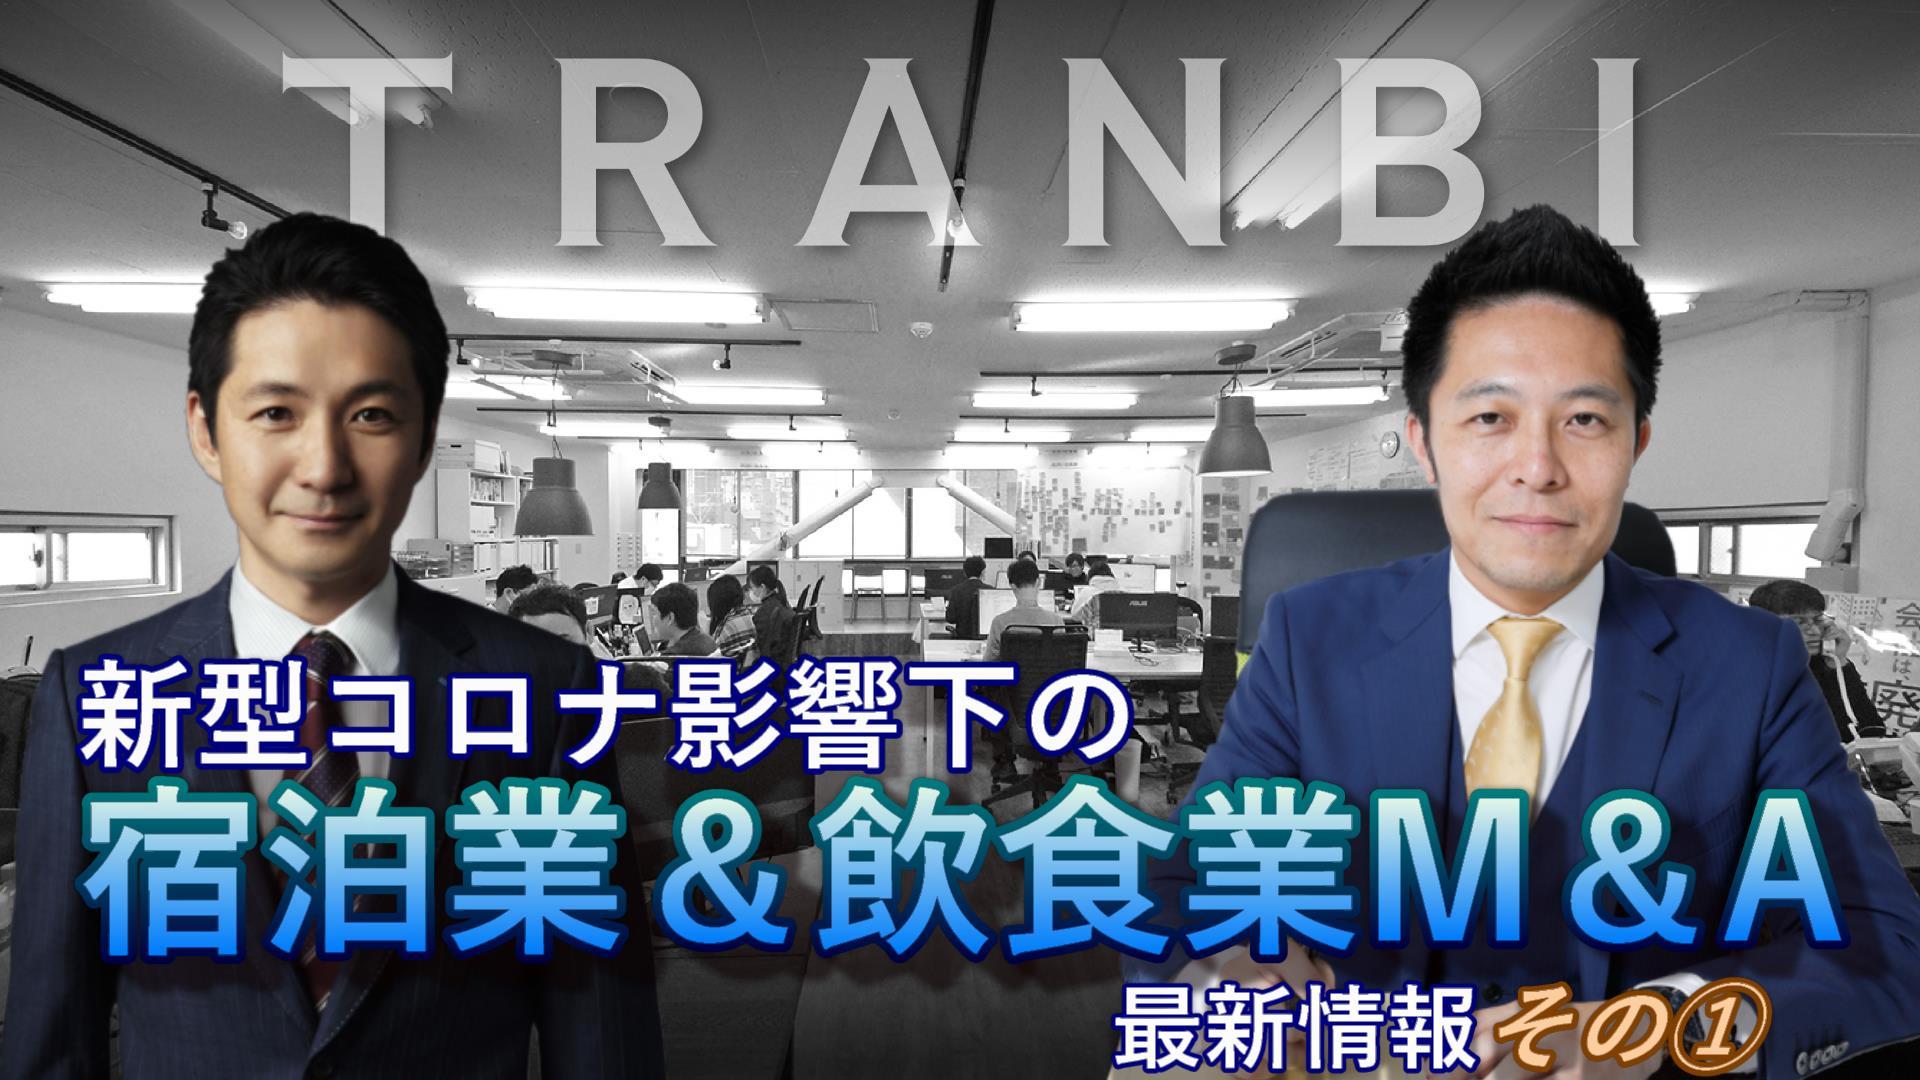 """新型コロナ影響下での """" 宿泊業&飲食業 """" M&A最新情報①"""